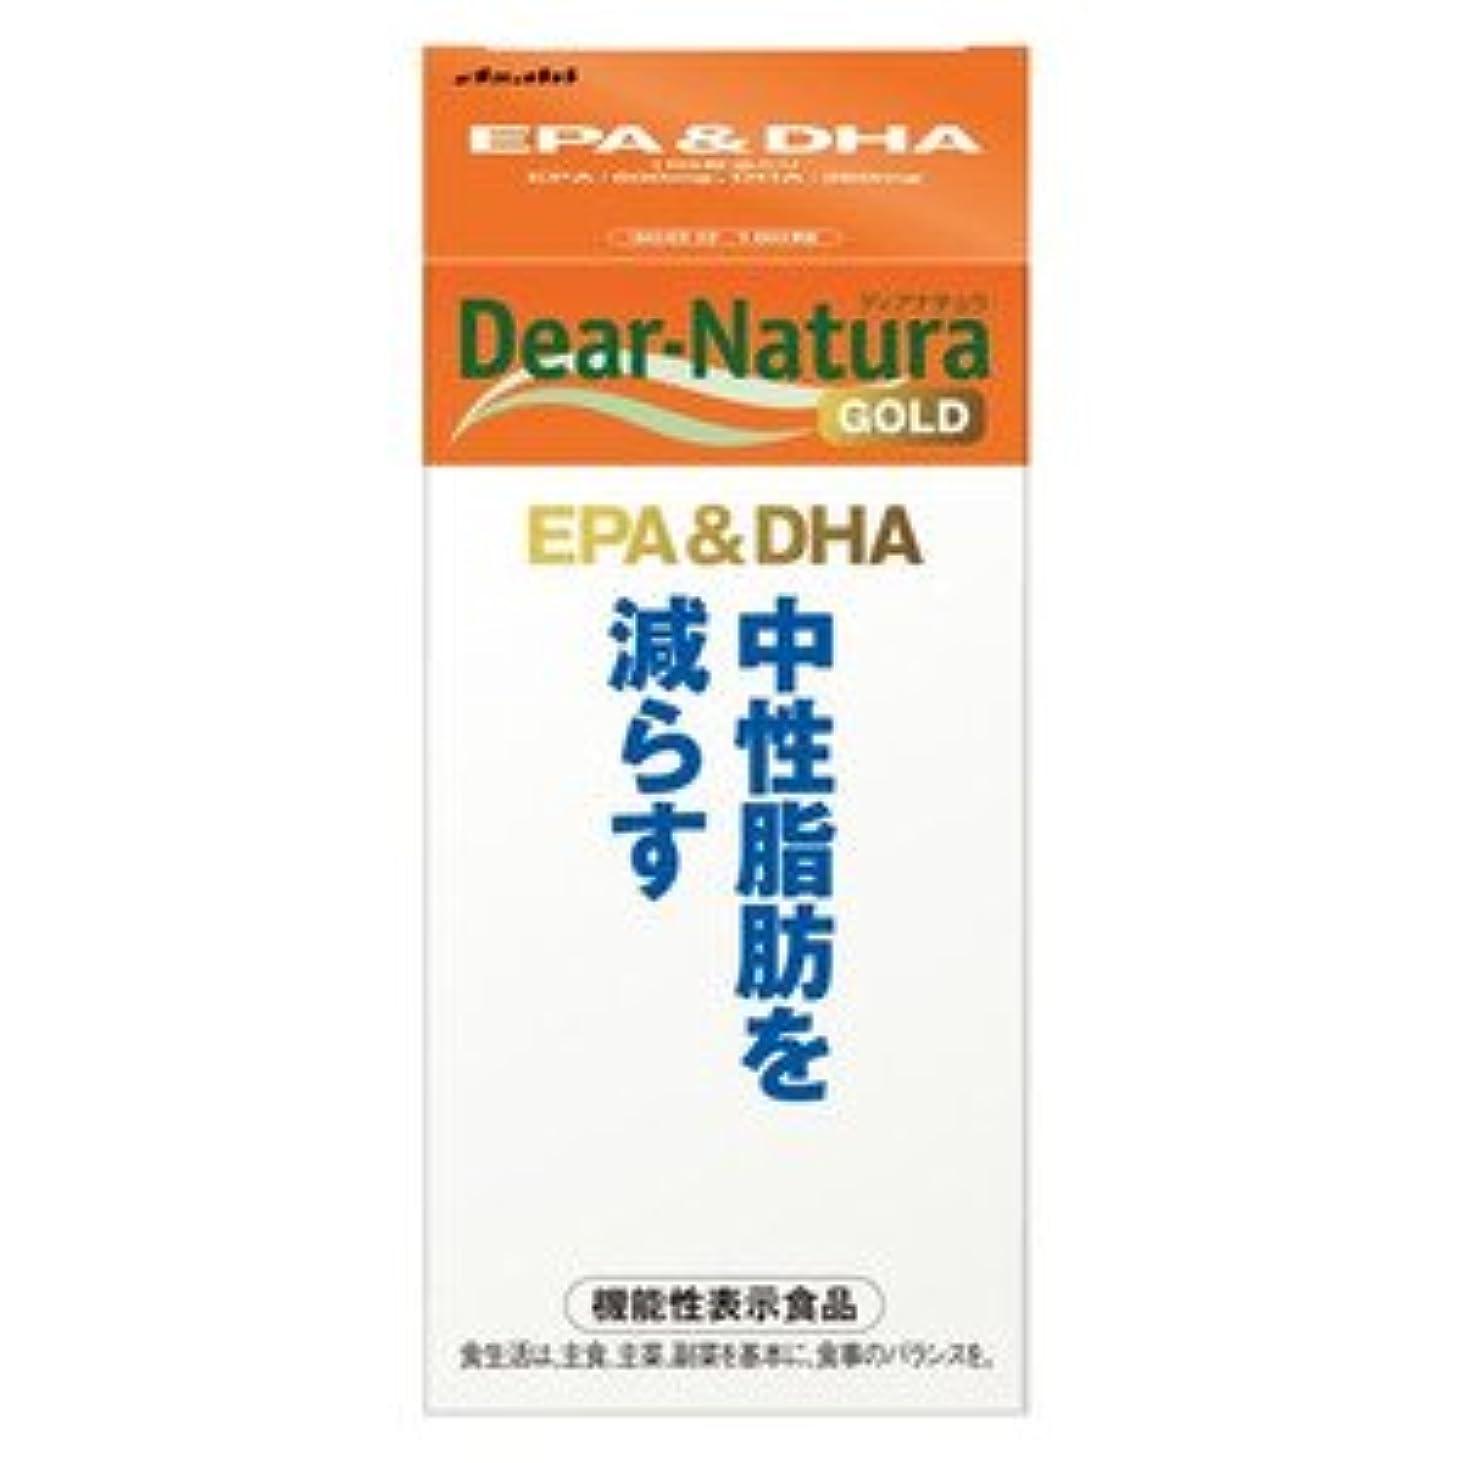 投資する先のことを考えるドループ(アサヒフード&ヘルスケア)ディアナチュラゴールド EPA&DHA 30日分 180粒(お買い得3個セット)